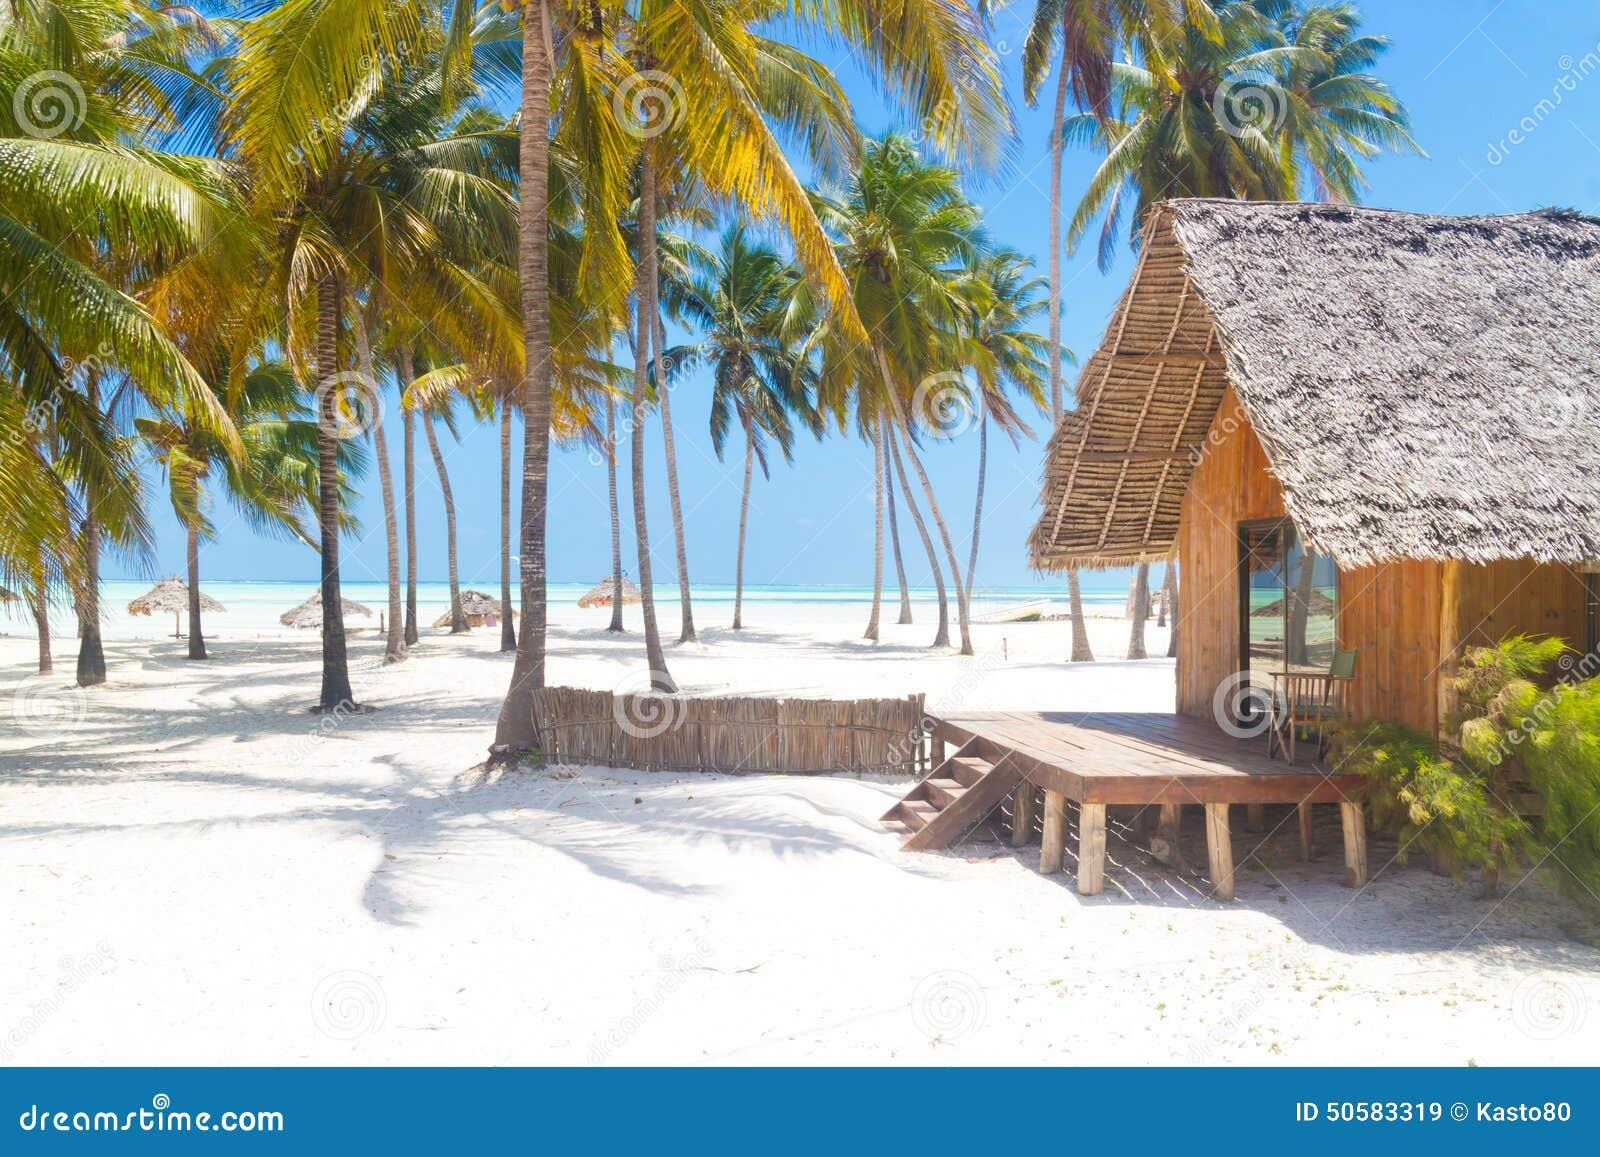 Casa De Planta Baja De Madera En La Playa Arenosa Blanca Tropical ...